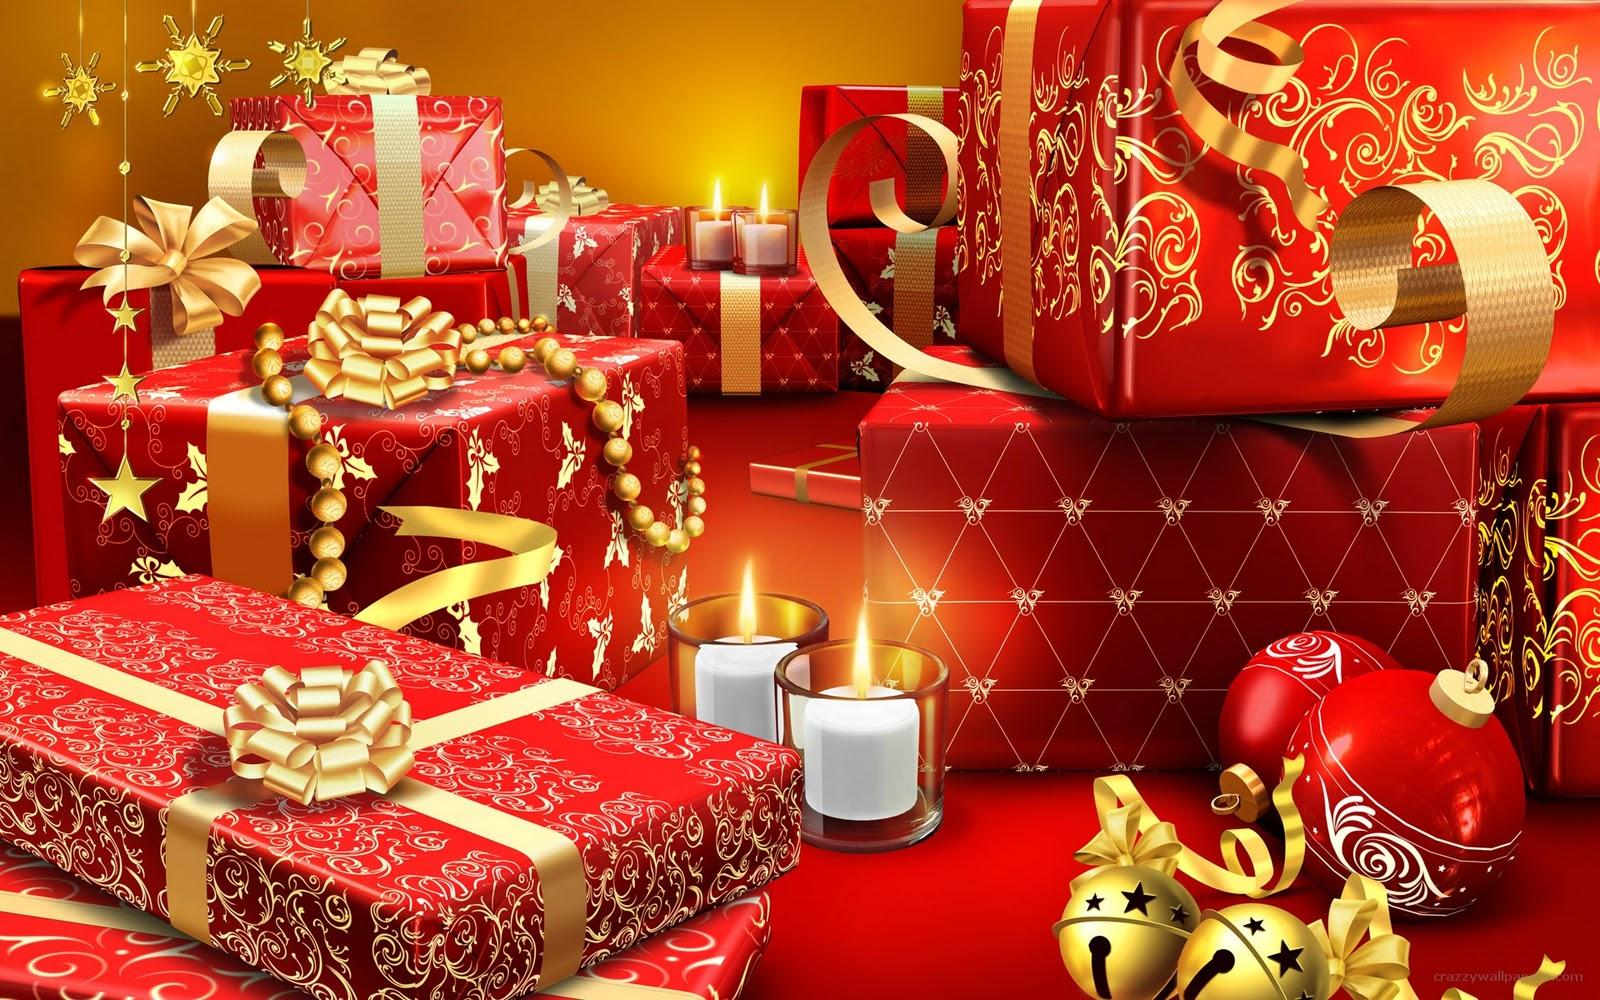 http://3.bp.blogspot.com/-PD3Cg96--b8/Tqa1uZNdeTI/AAAAAAAACfk/hE5emj0tV_Q/s1600/Christmas-Widescreen-background+natal+terbaru.jpg